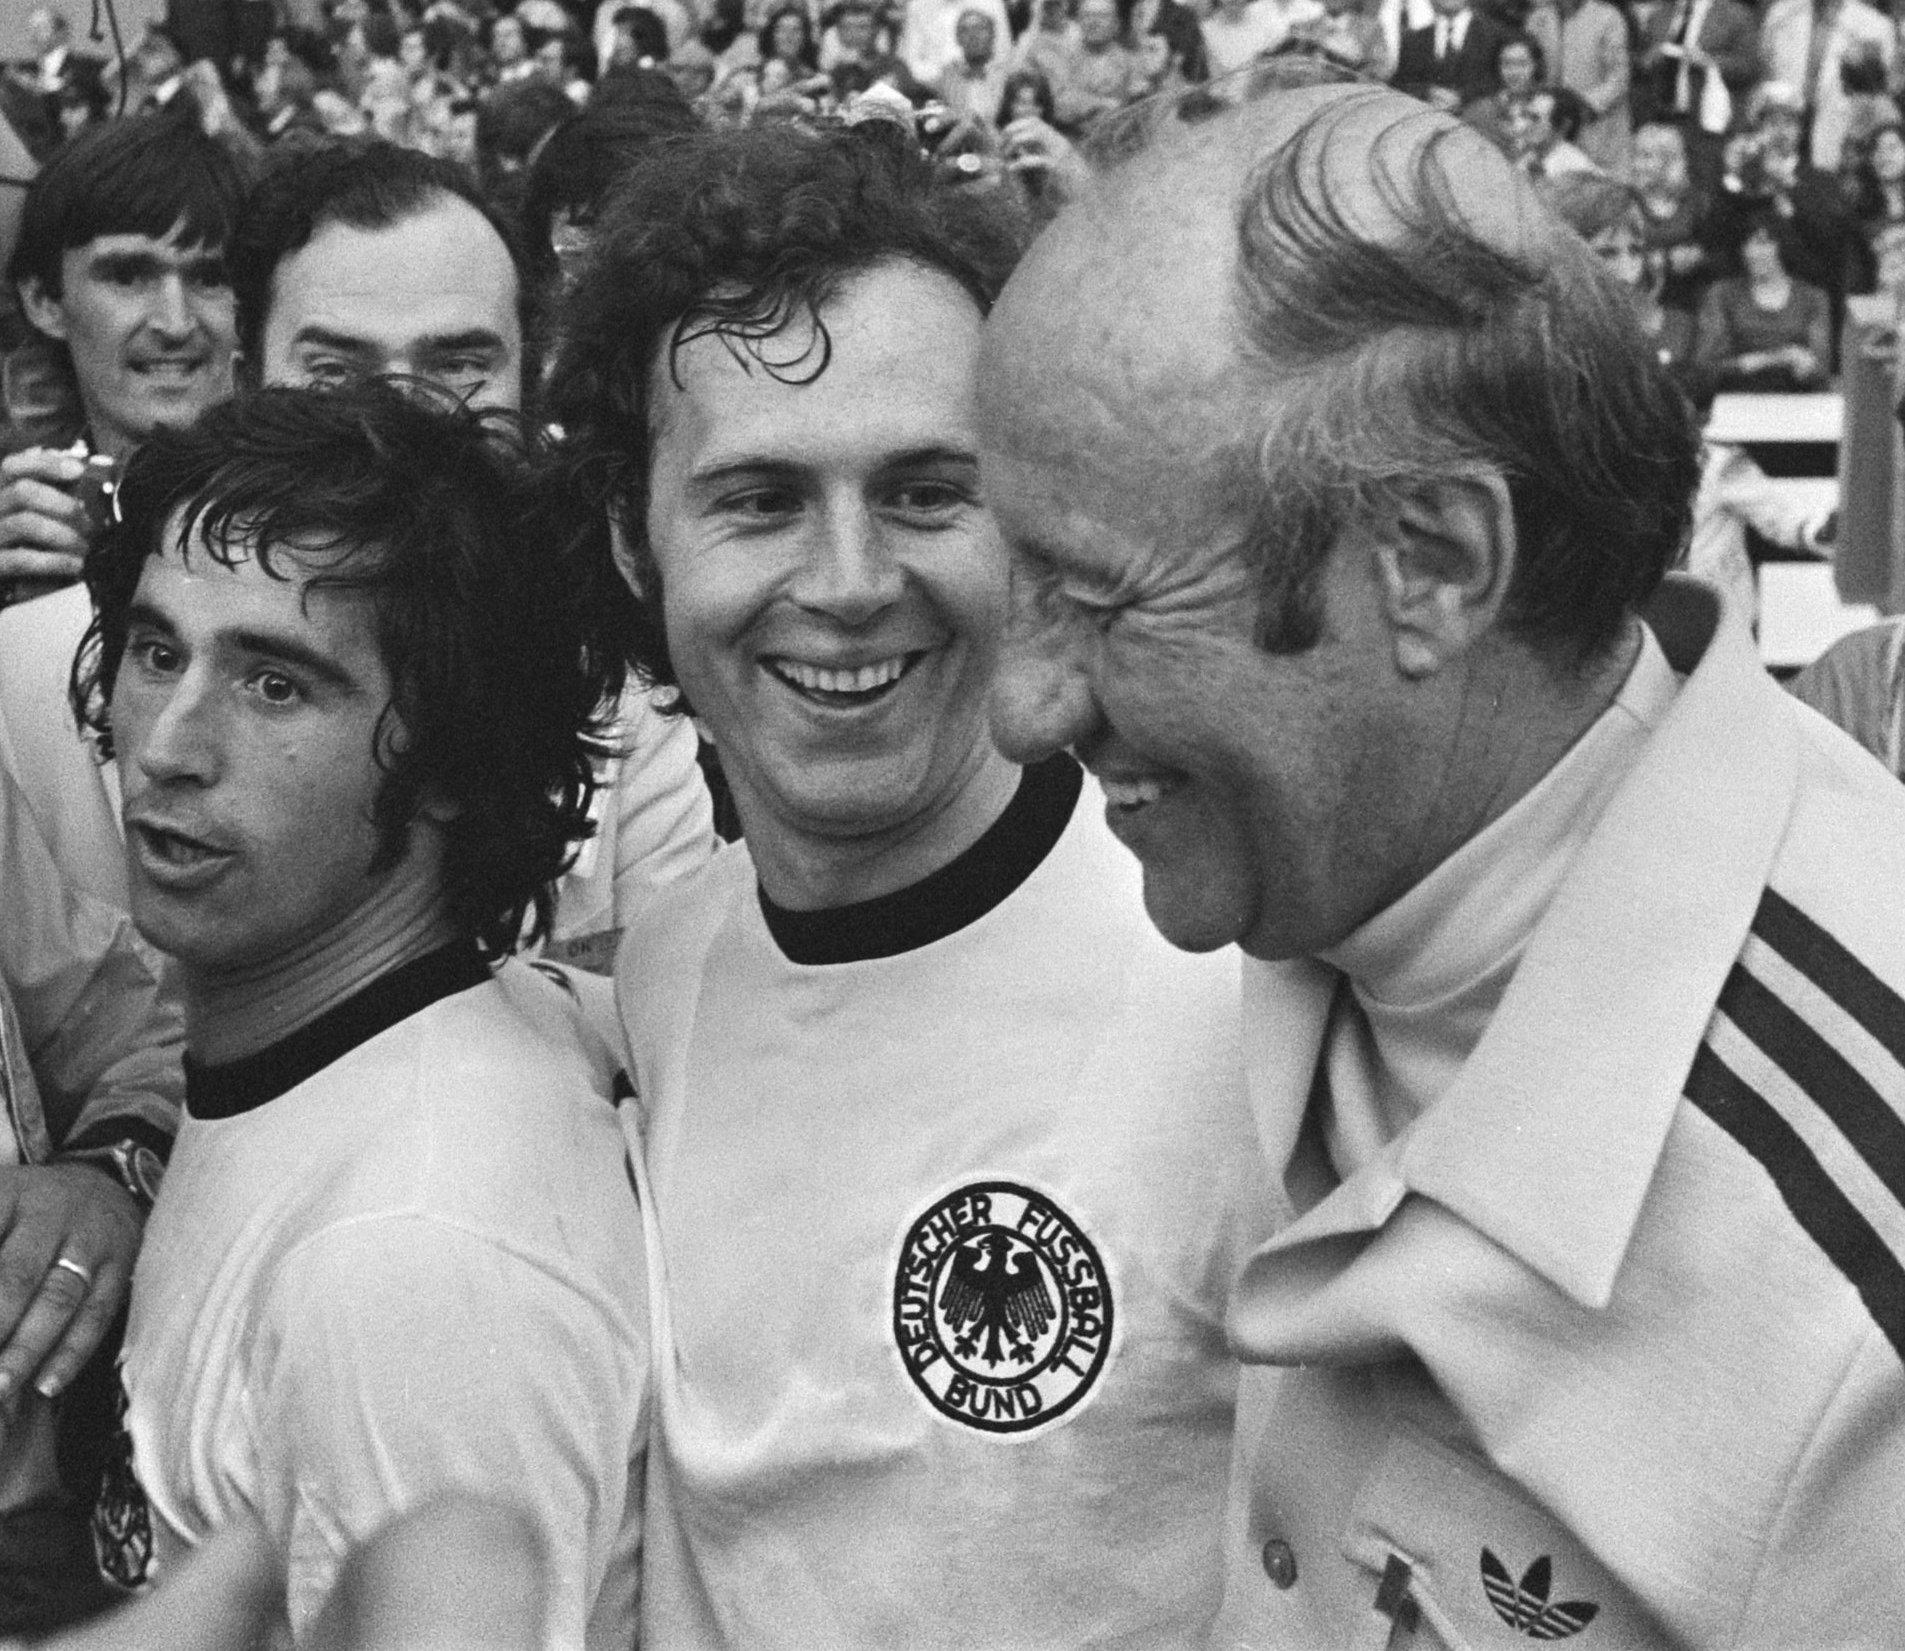 Müller, Beckenbauer und Helmut Schön 1974